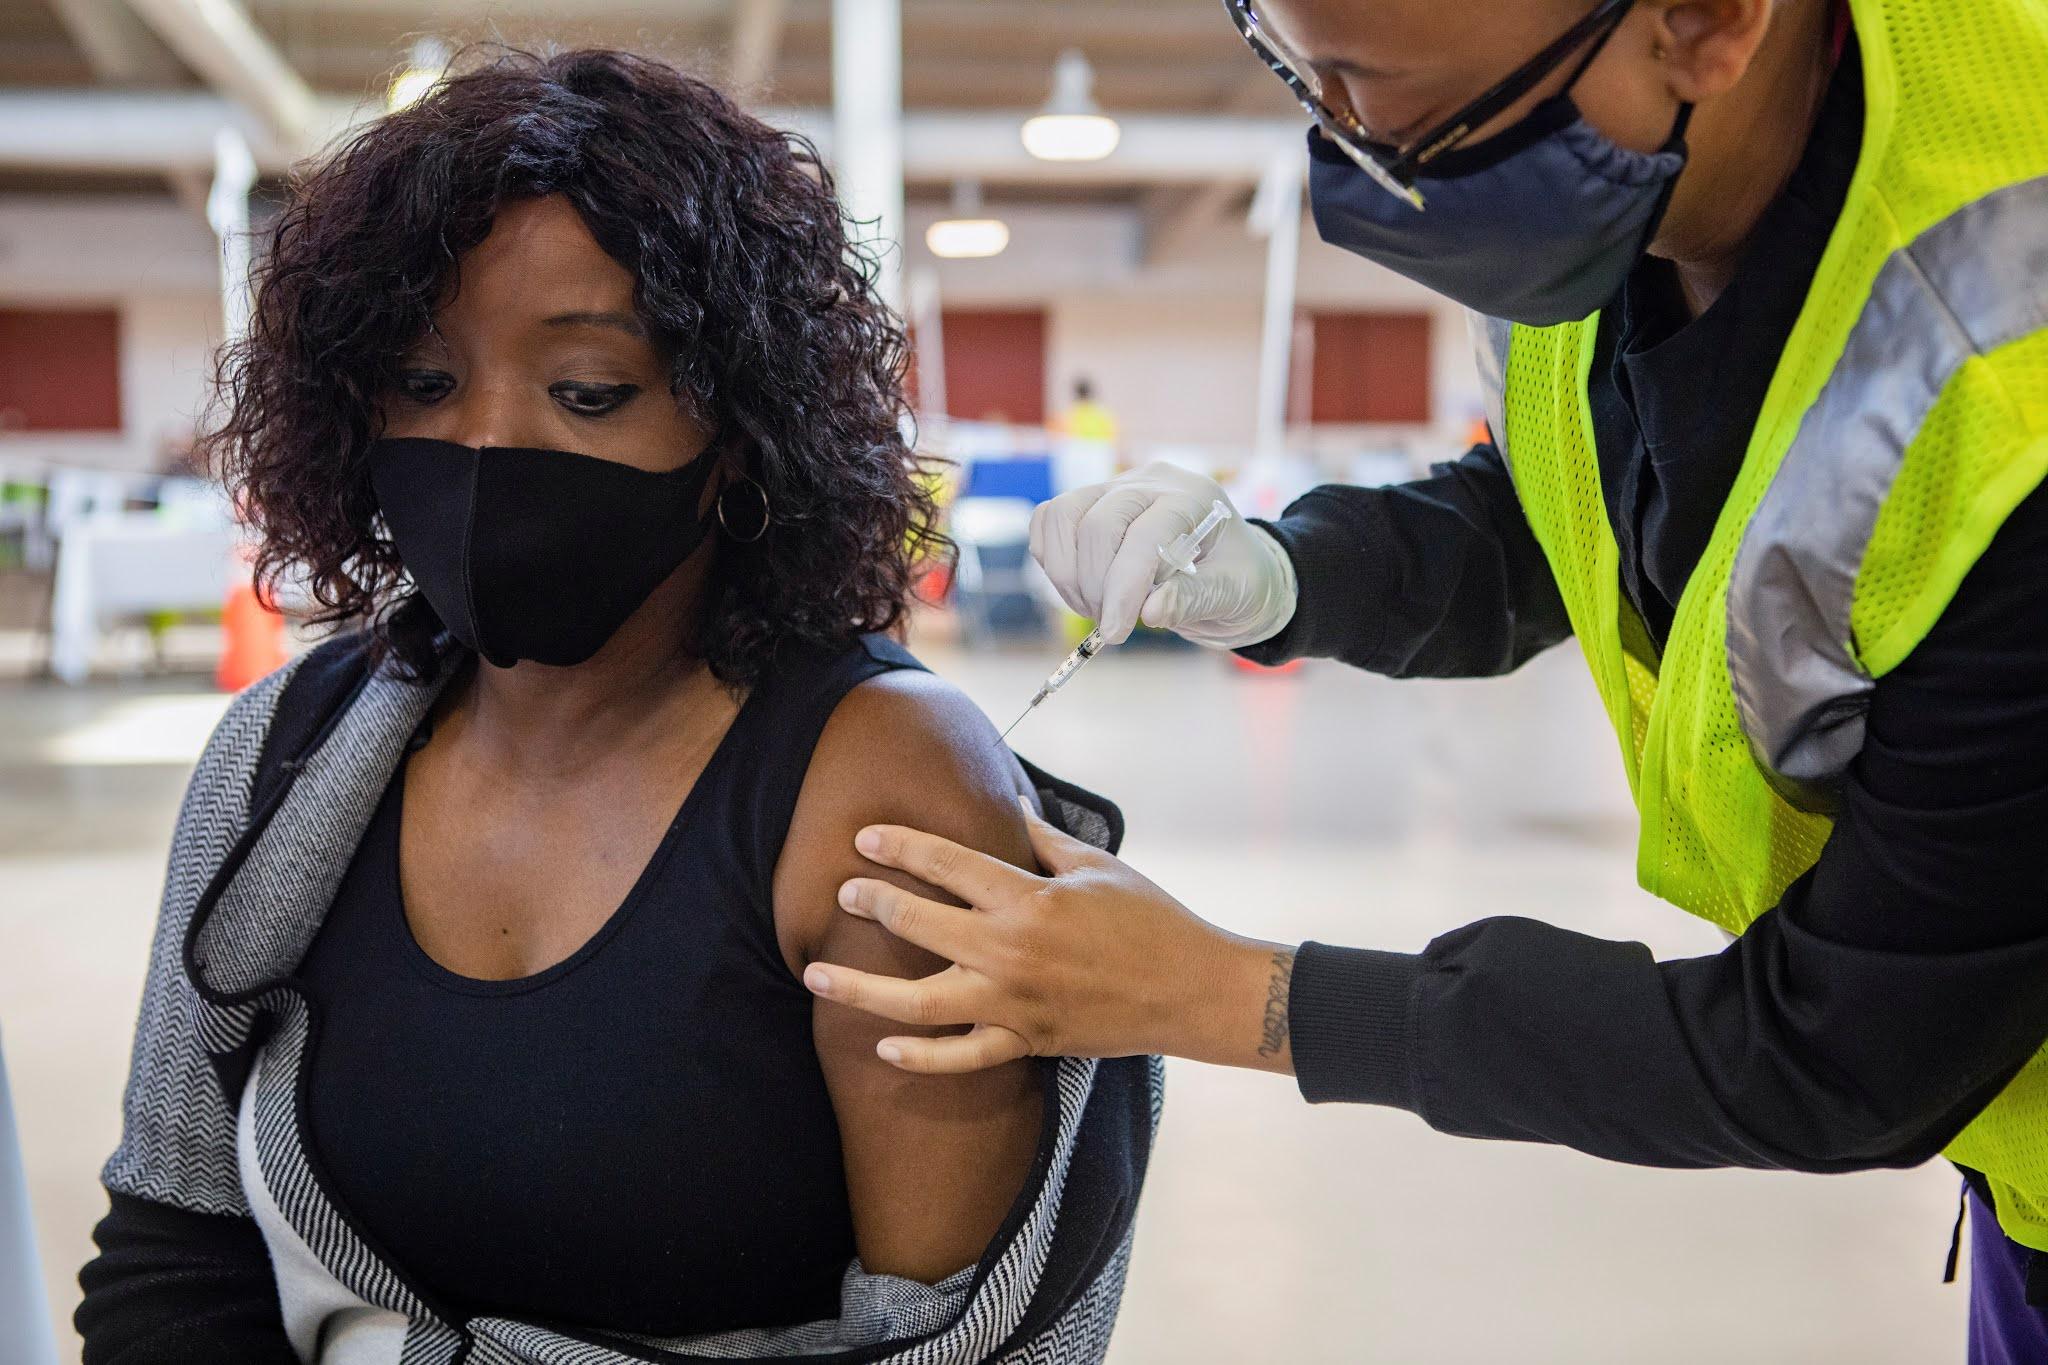 Estados Unidos vacunó contra el coronavirus a más de 2,4 millones de personas en solo 24 horas